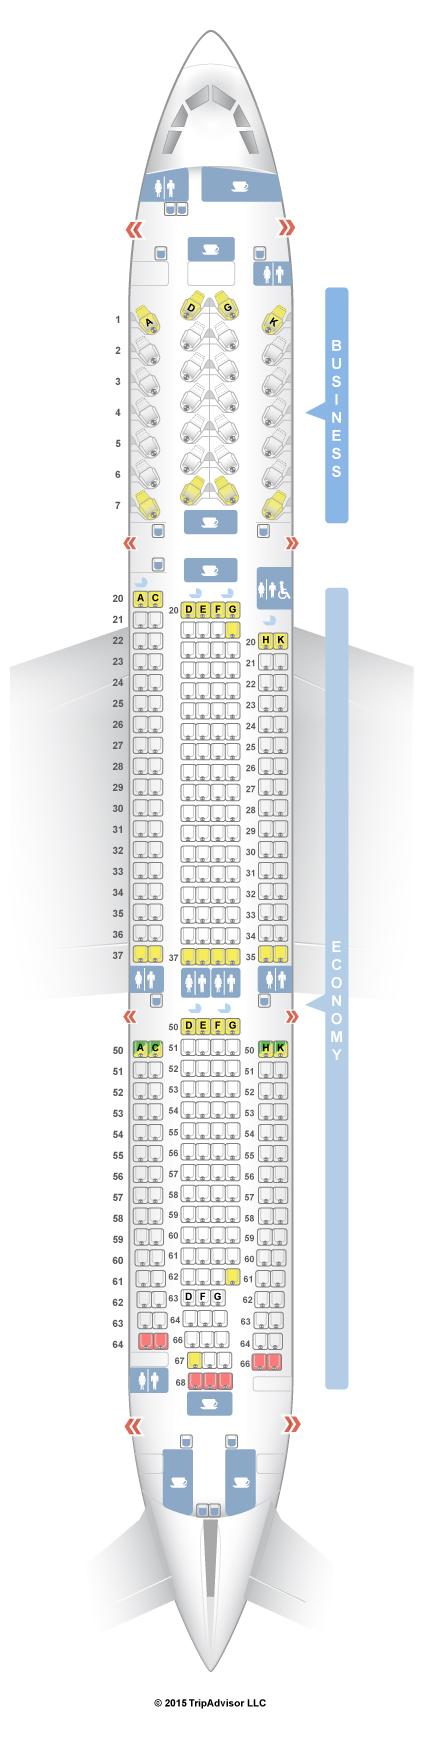 SeatGuru Seat Map SriLankan Airlines Airbus A330-300 (333)